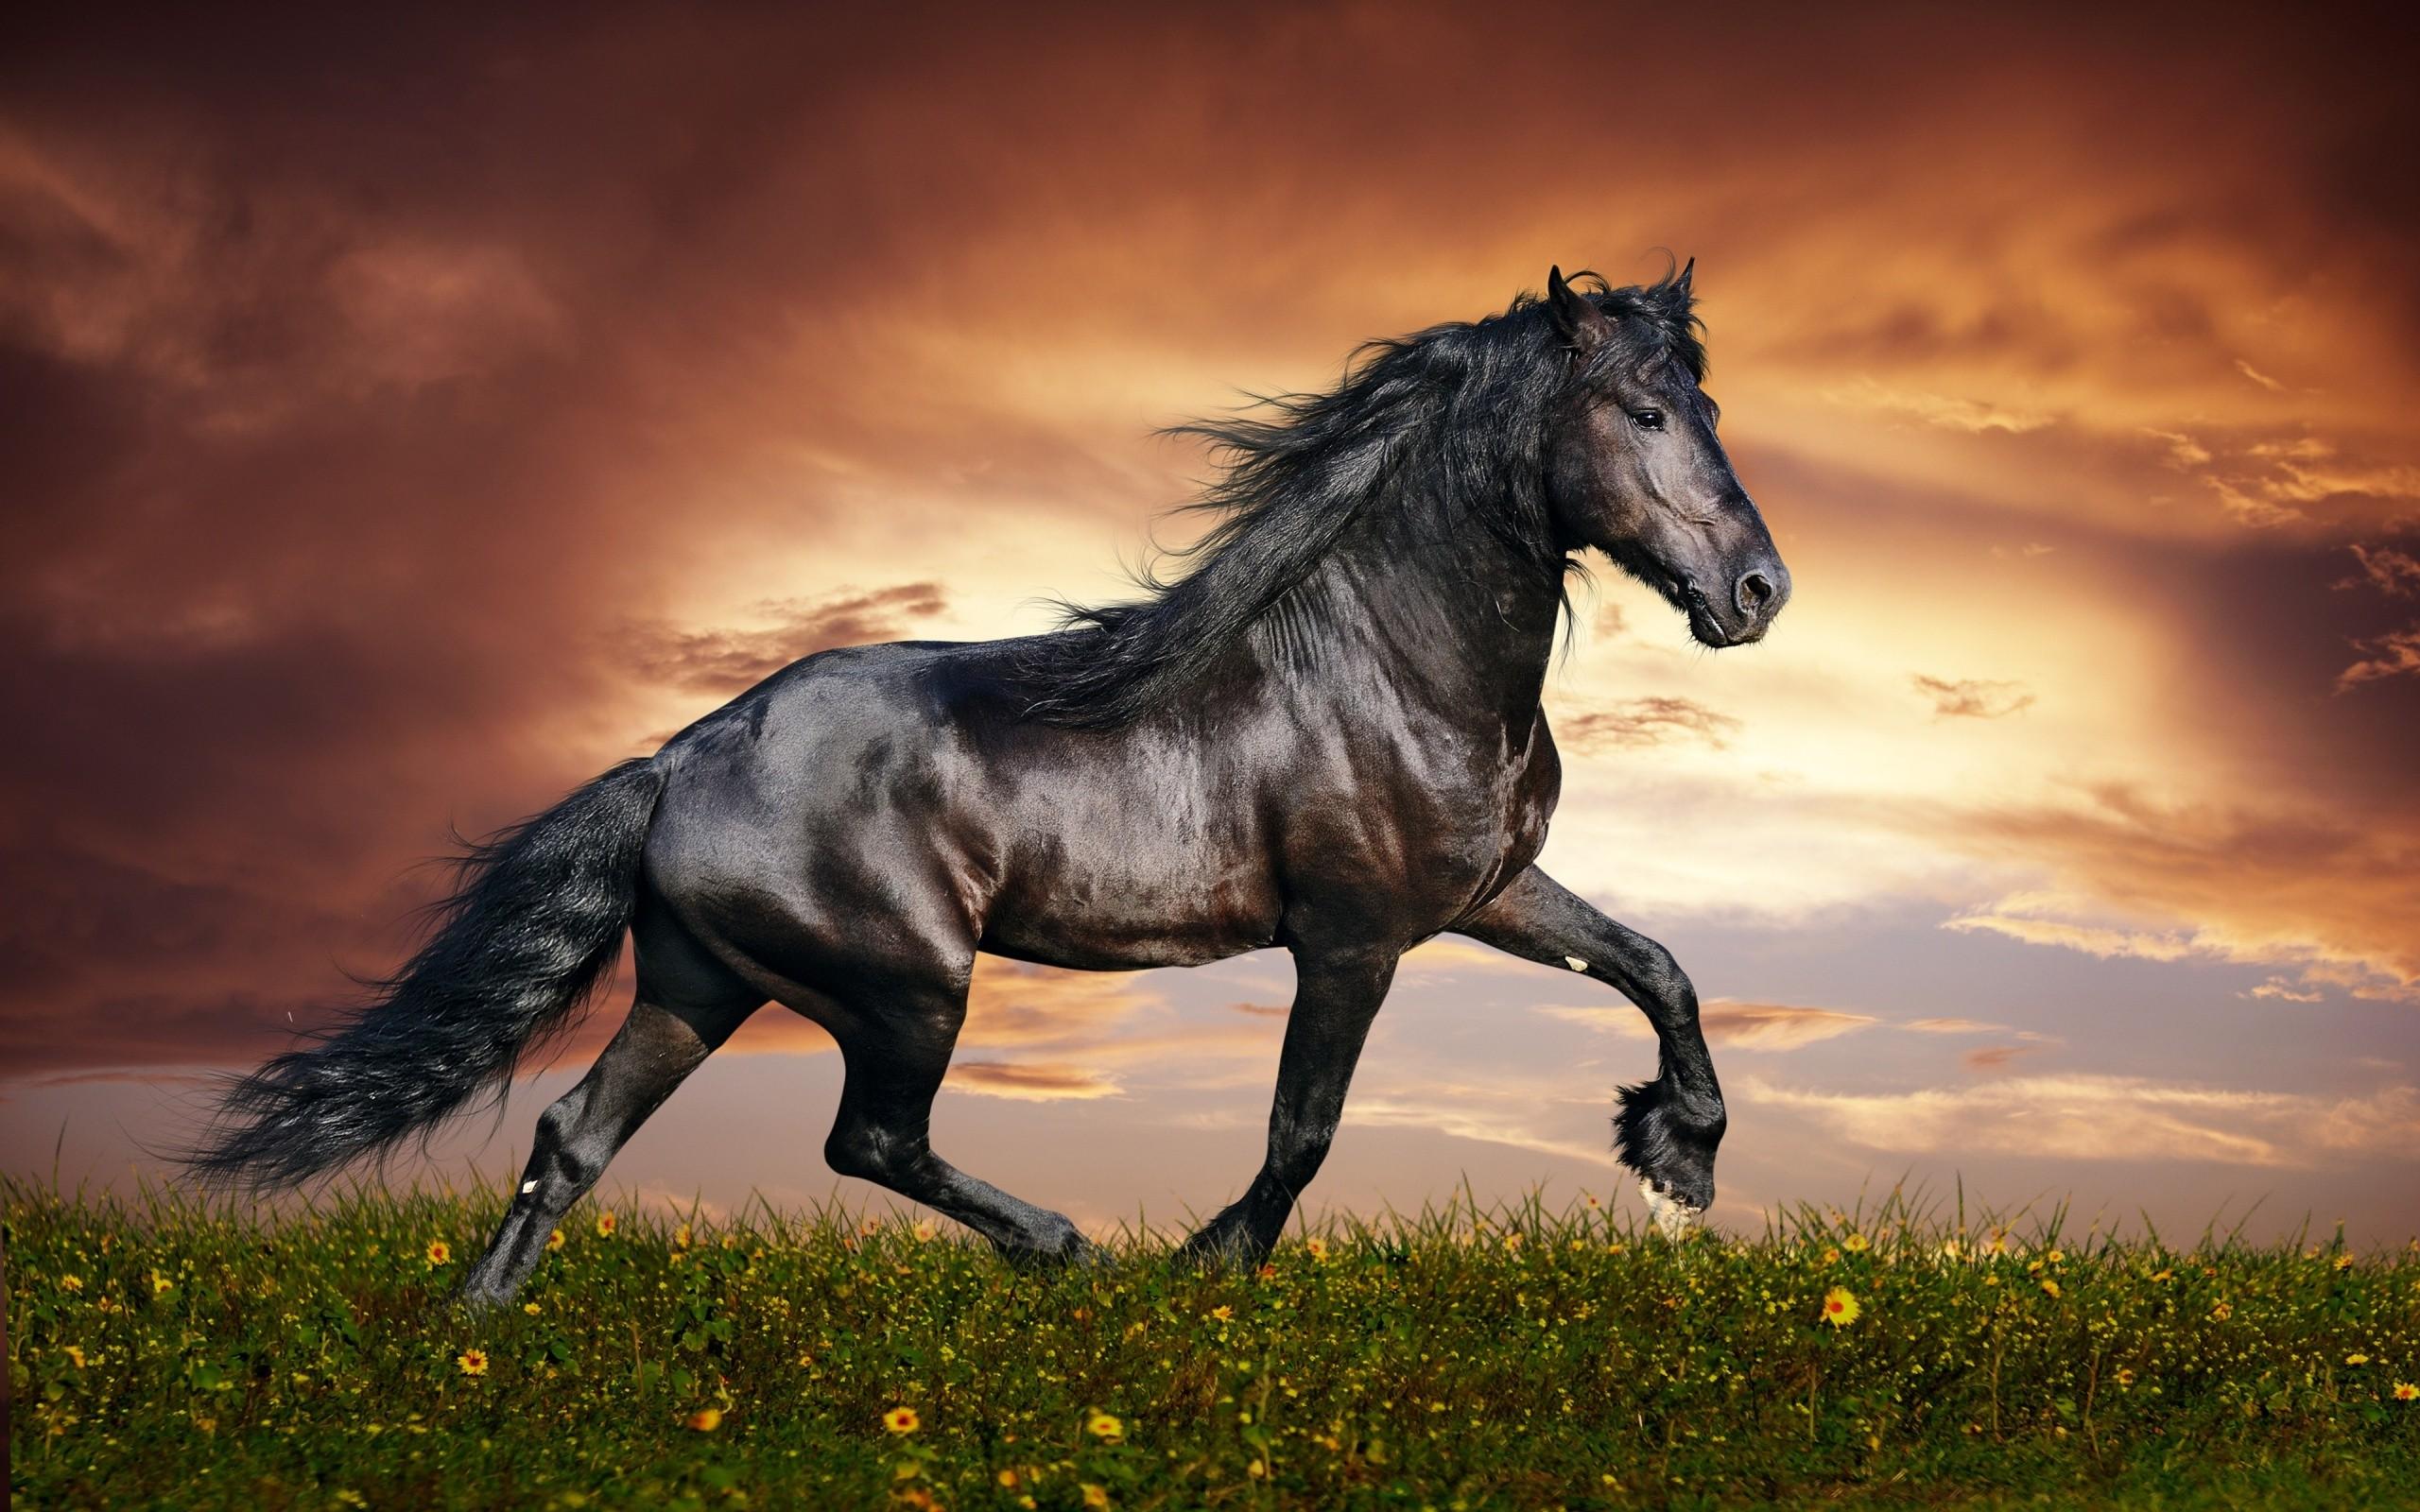 Black Horse Wallpaper Wallpapertag